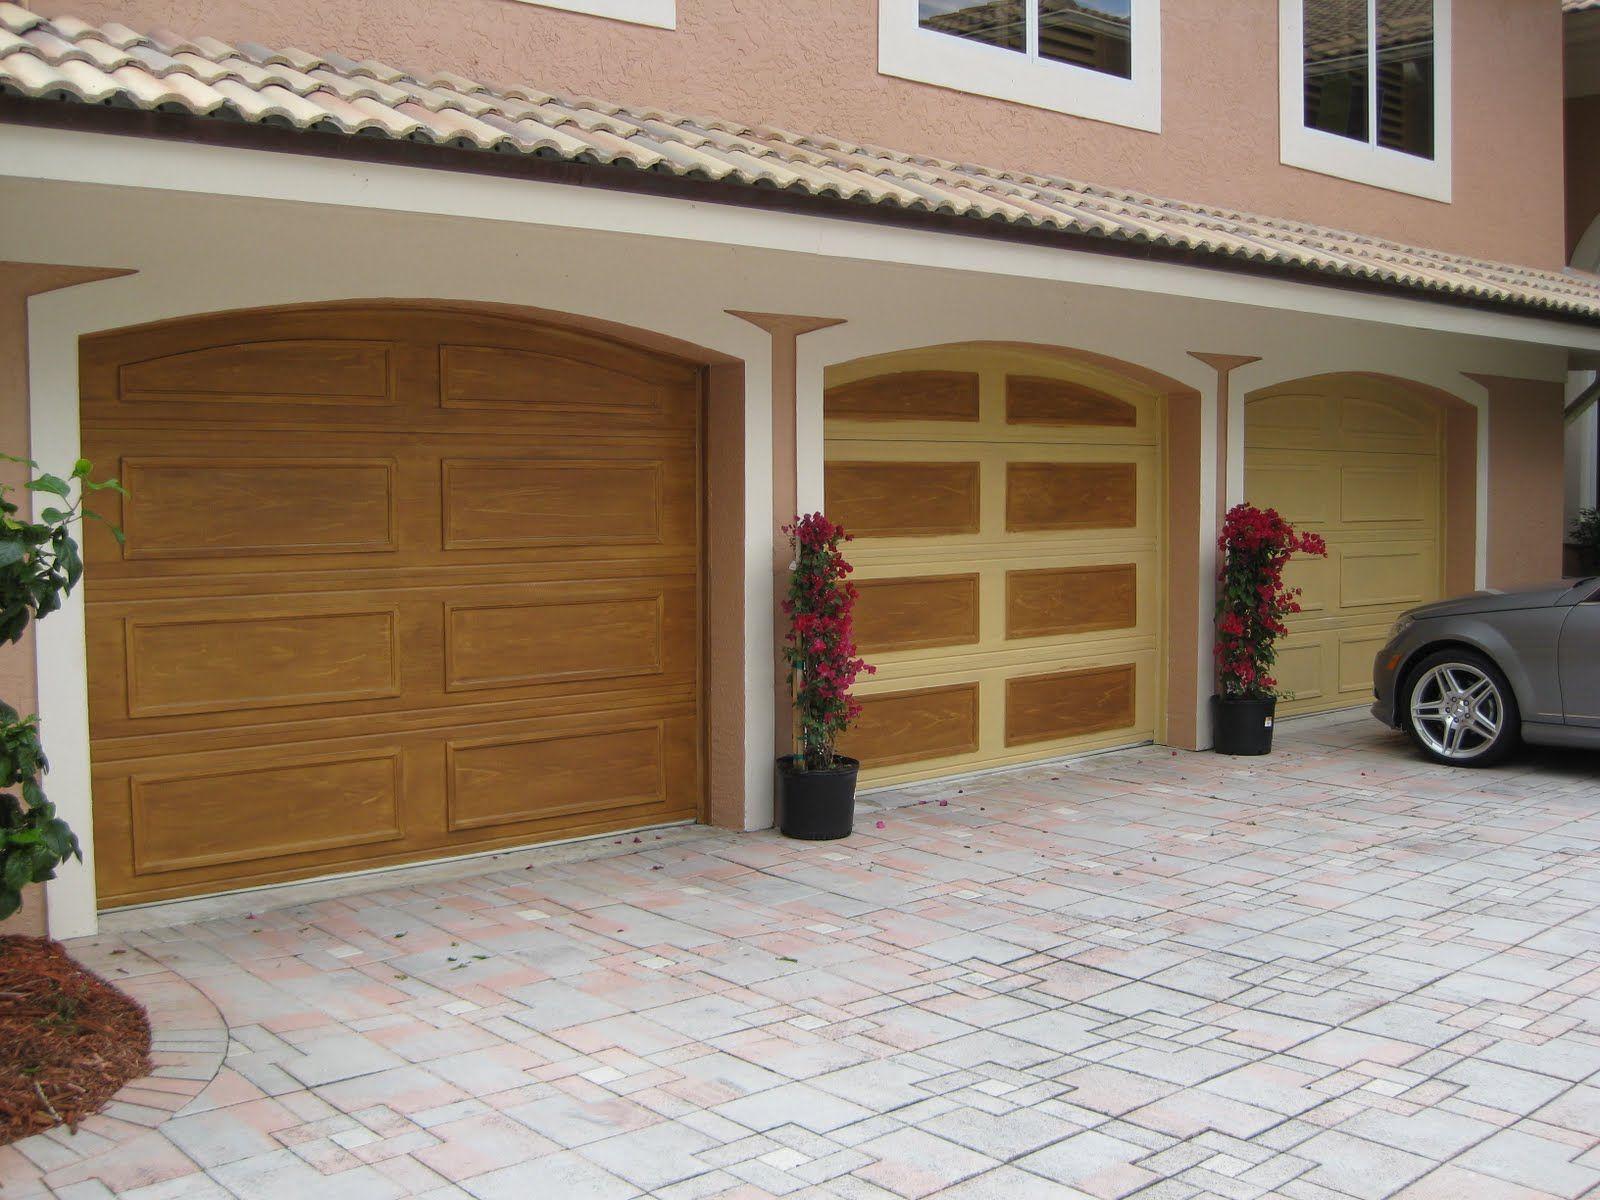 1200 #6C4624 Different Types Of Garage Doors Garage Doors Pinterest picture/photo Type Of Garage Doors 37991600